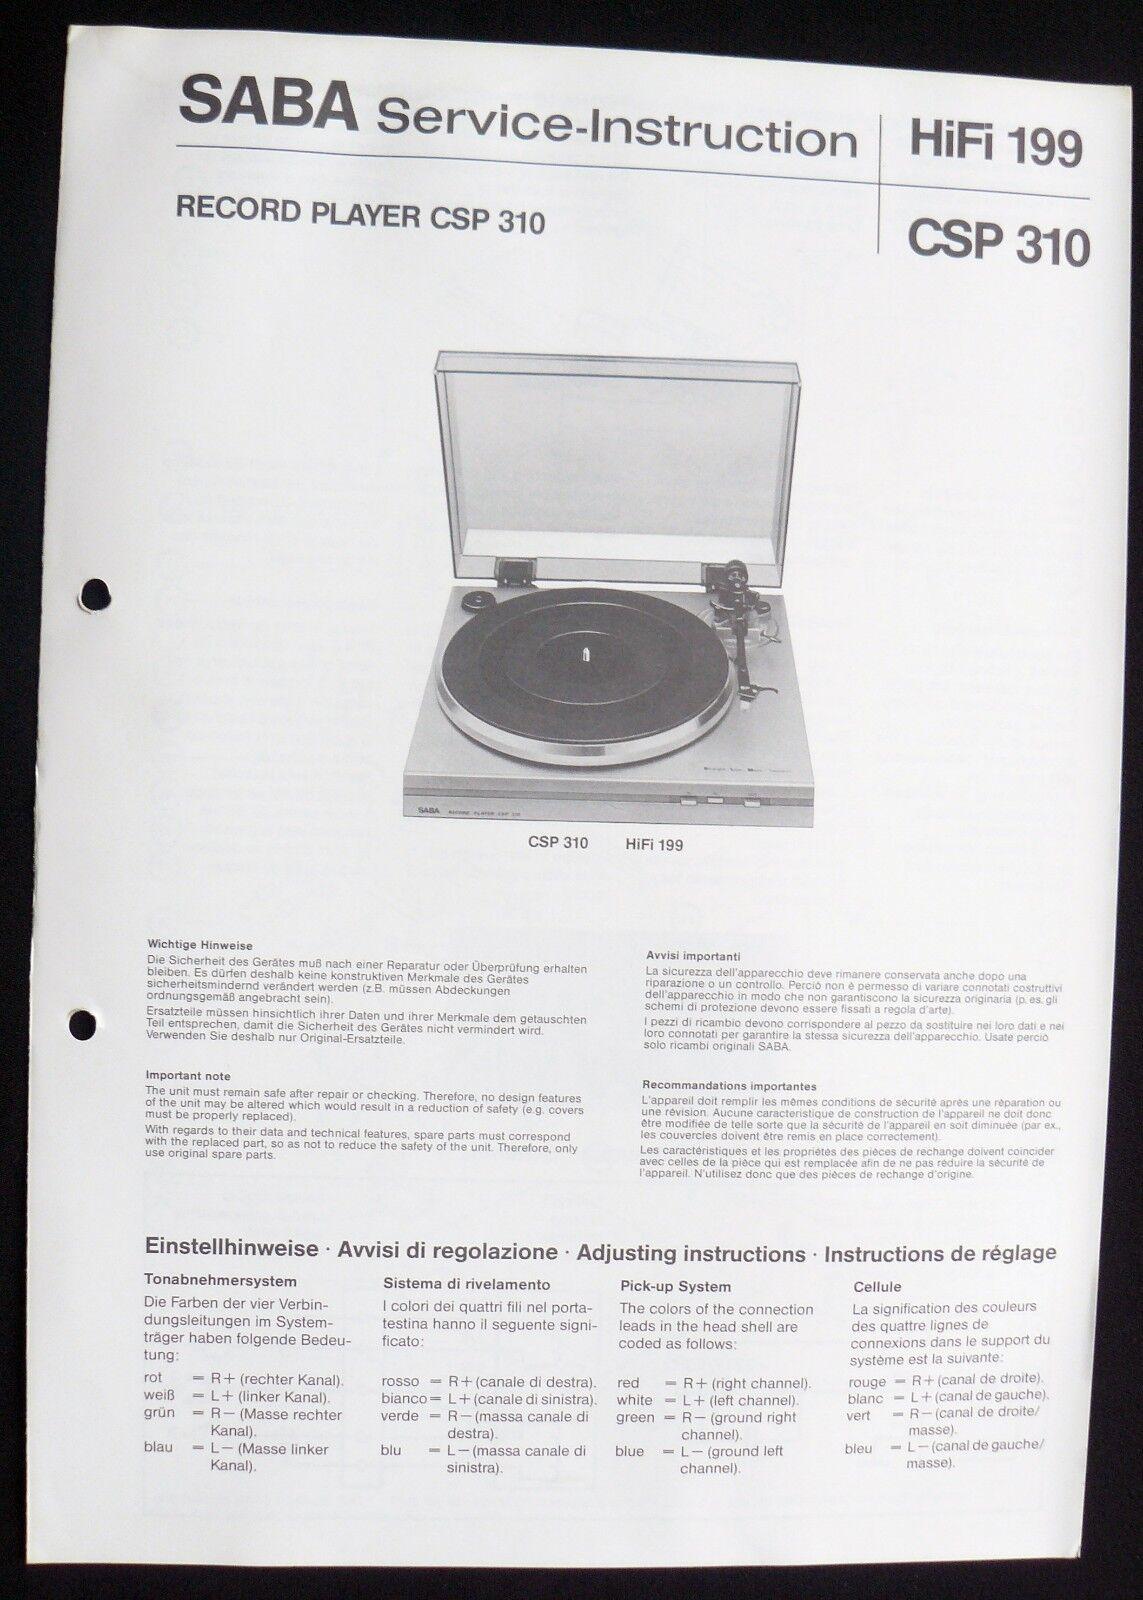 SABA HiFi 199-CSP 310 Plattenspieler Ersatzteillageplan Service-Instruction